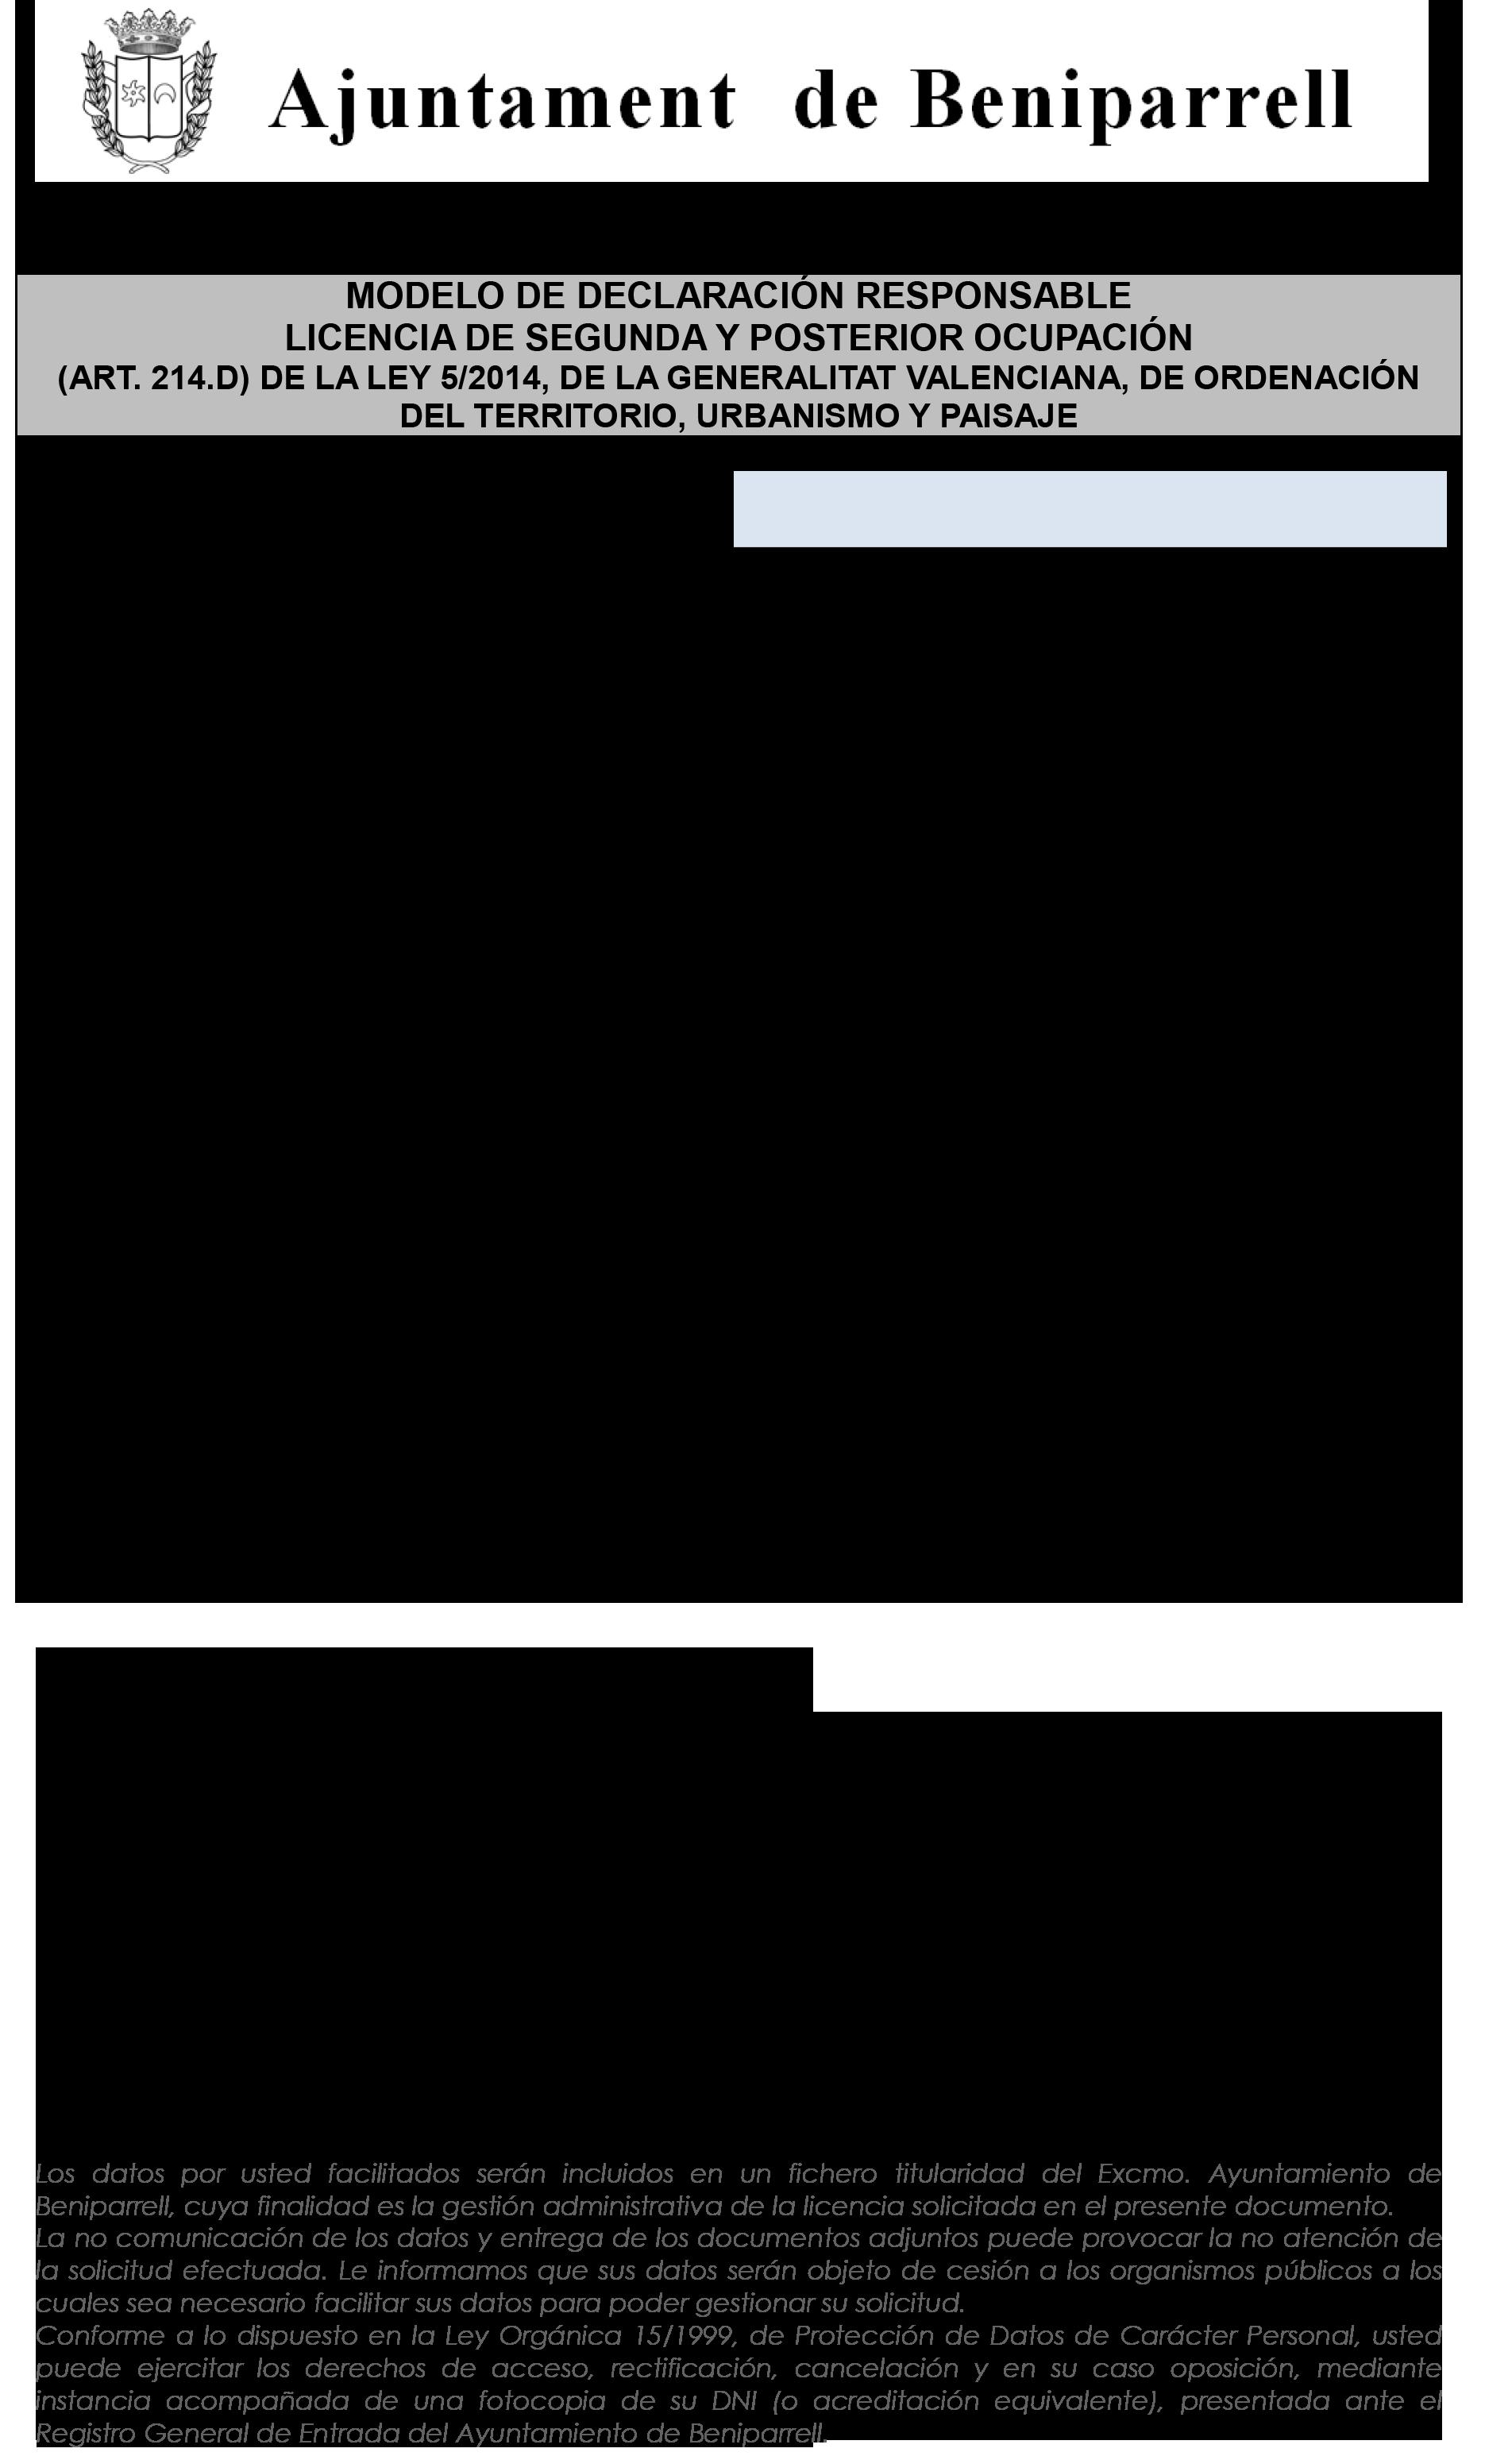 Impreso Declaración Responsable Segunda Ocupación - Beniparrell 1